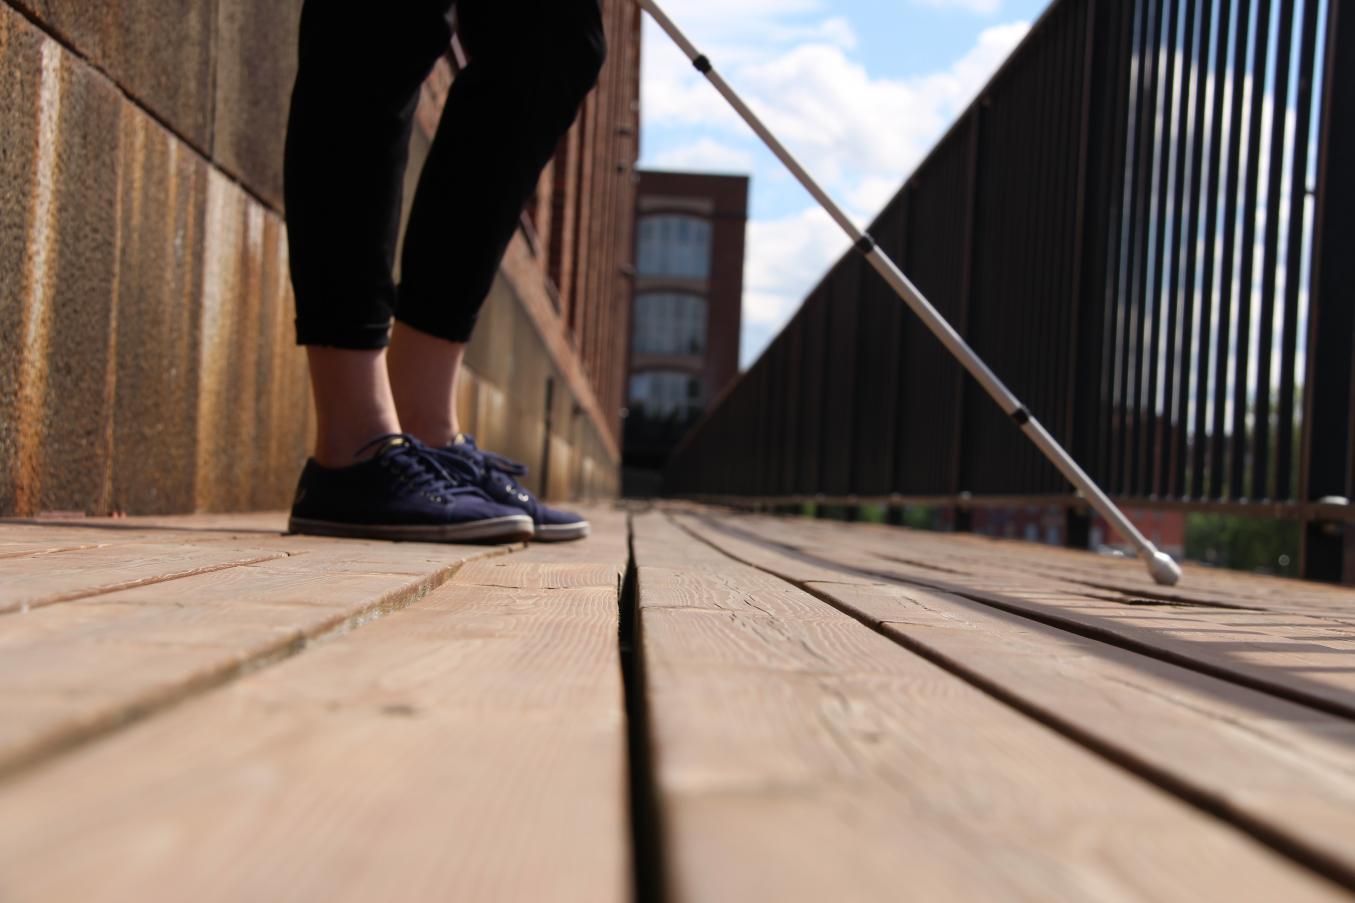 Nainen seisoo sivuttain puisella sillalla, kuva pohkeesta alaspäin. Kädessä nainen pitää valkoista keppiä ja pitää sitä edessään. On kesäpäivä.